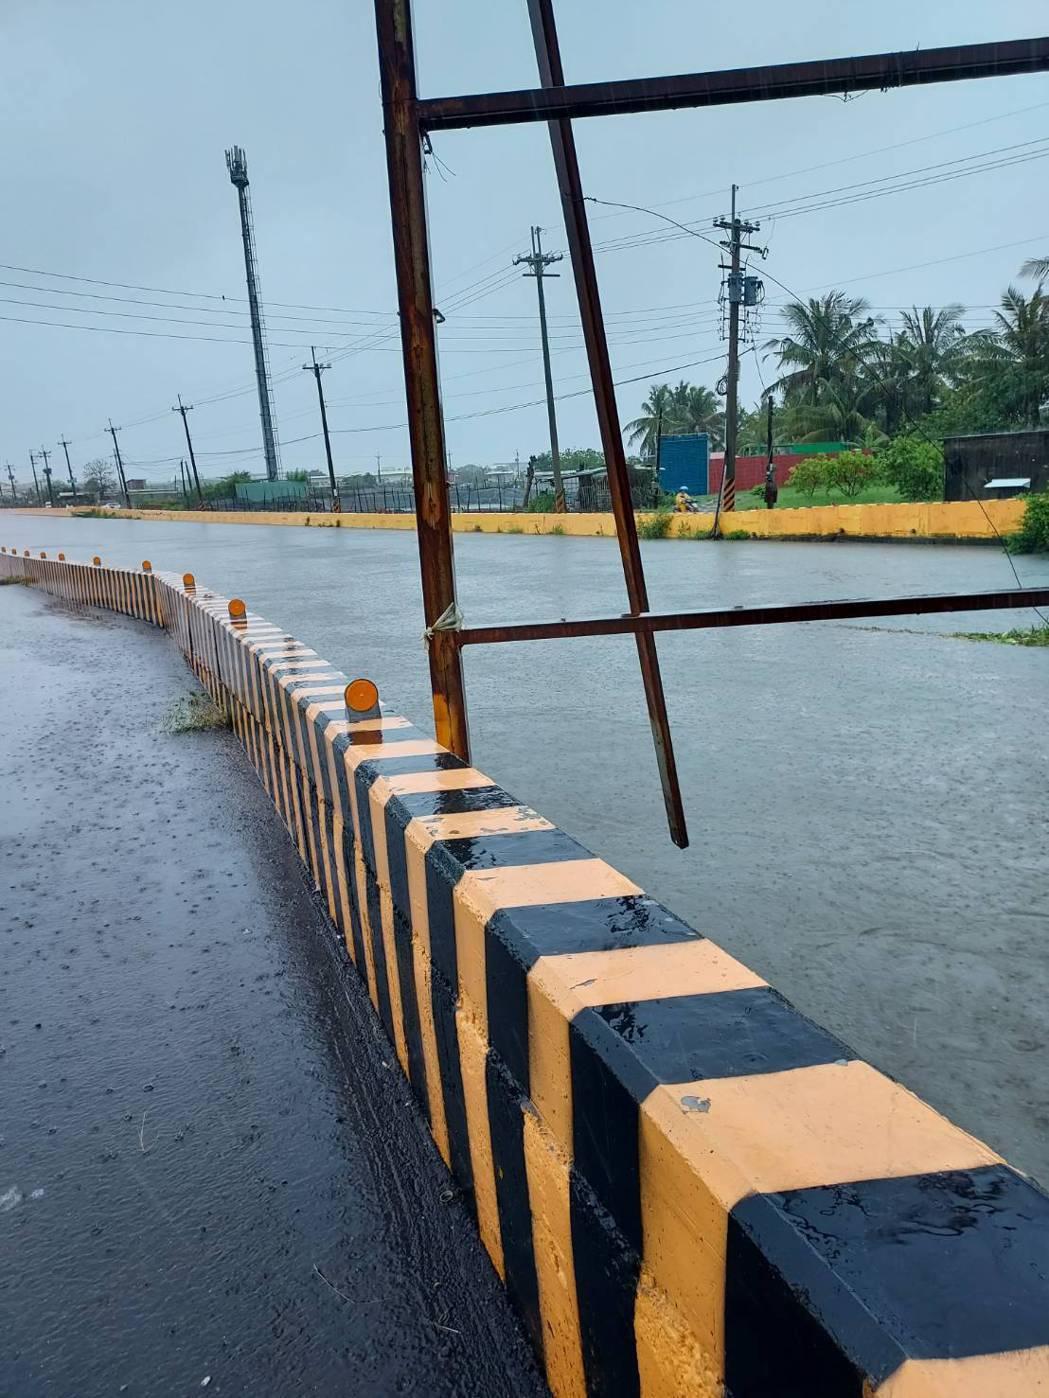 楠梓德中路一段因瞬間降雨不及排水,一段出現淹水情形,於今晨9時許,積水退去。圖/...